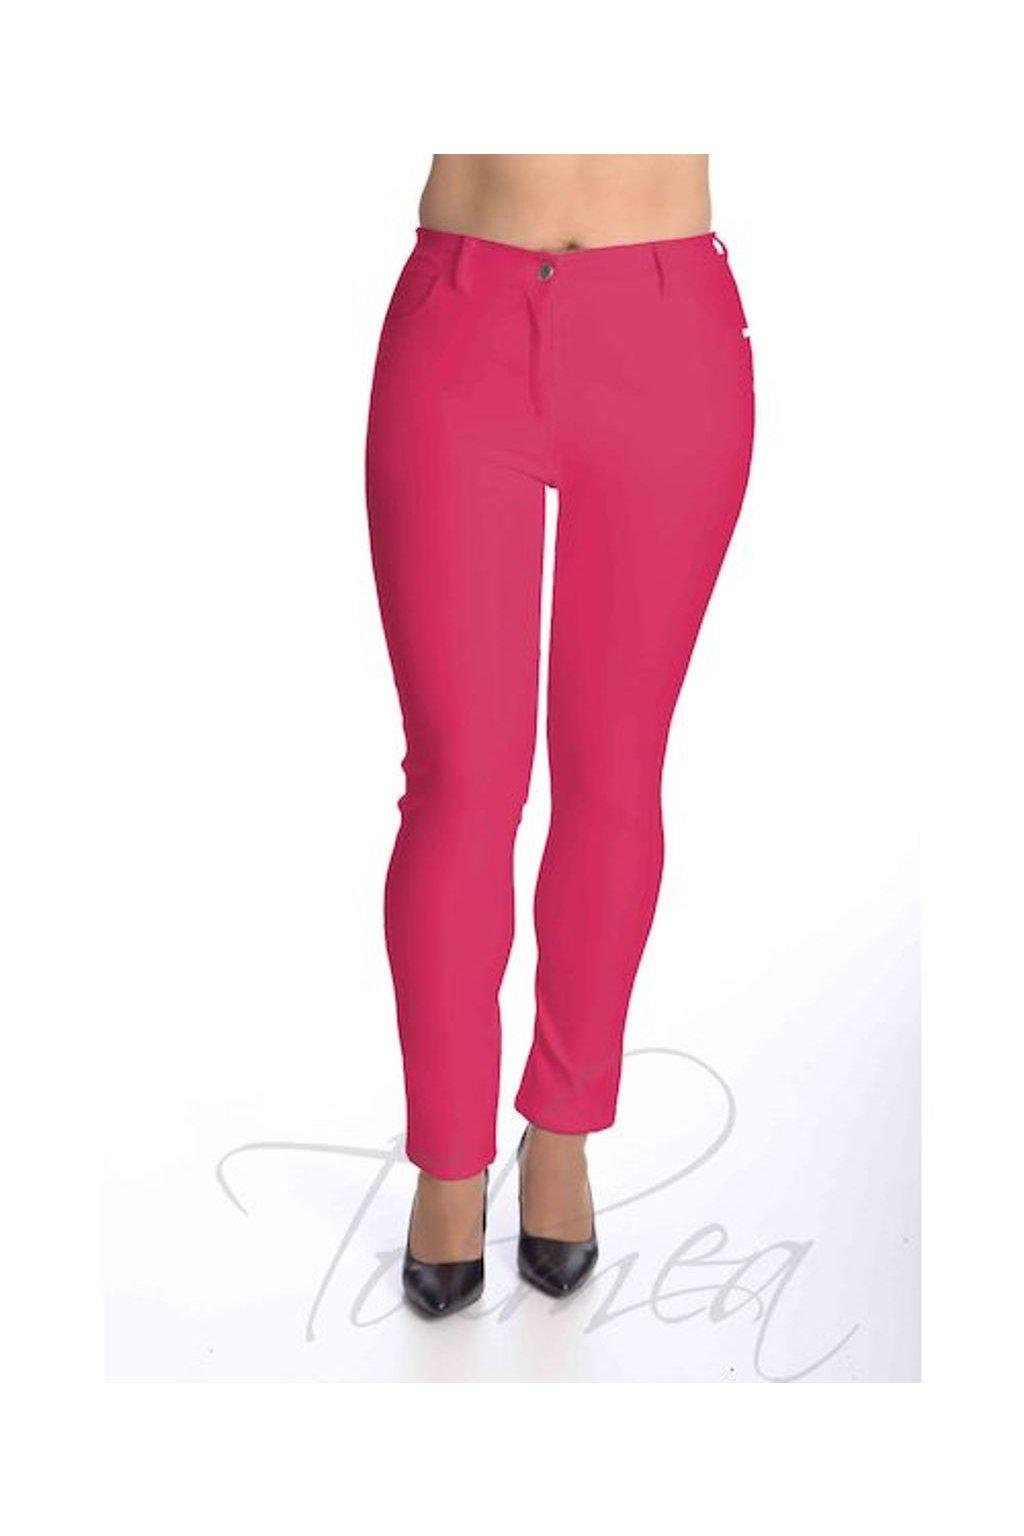 49T Kalhoty riflové kožený vzhled (Velikost 38, Barva Modrá)